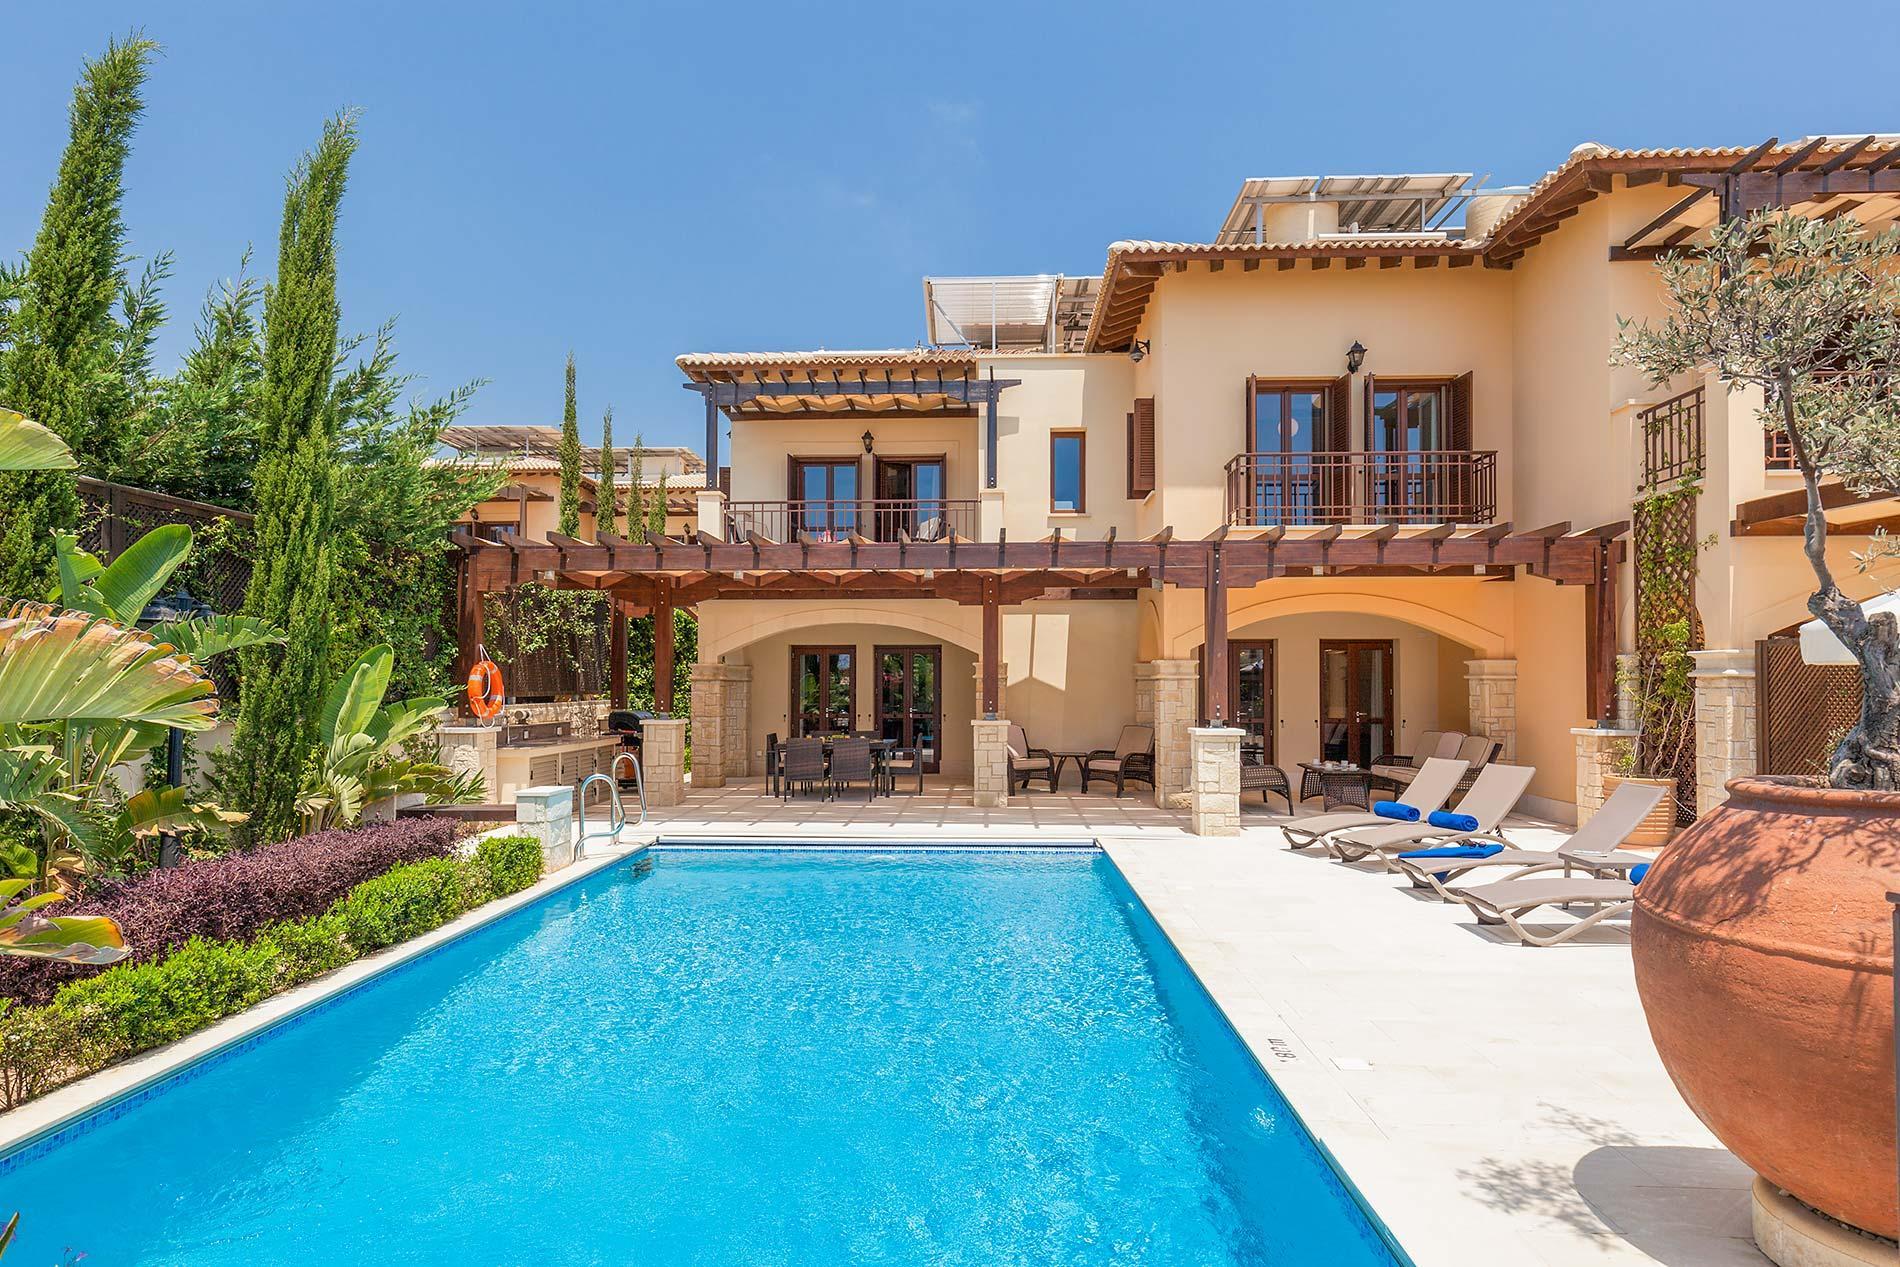 Условия получения гражданства Кипра за инвестиции в недвижимость